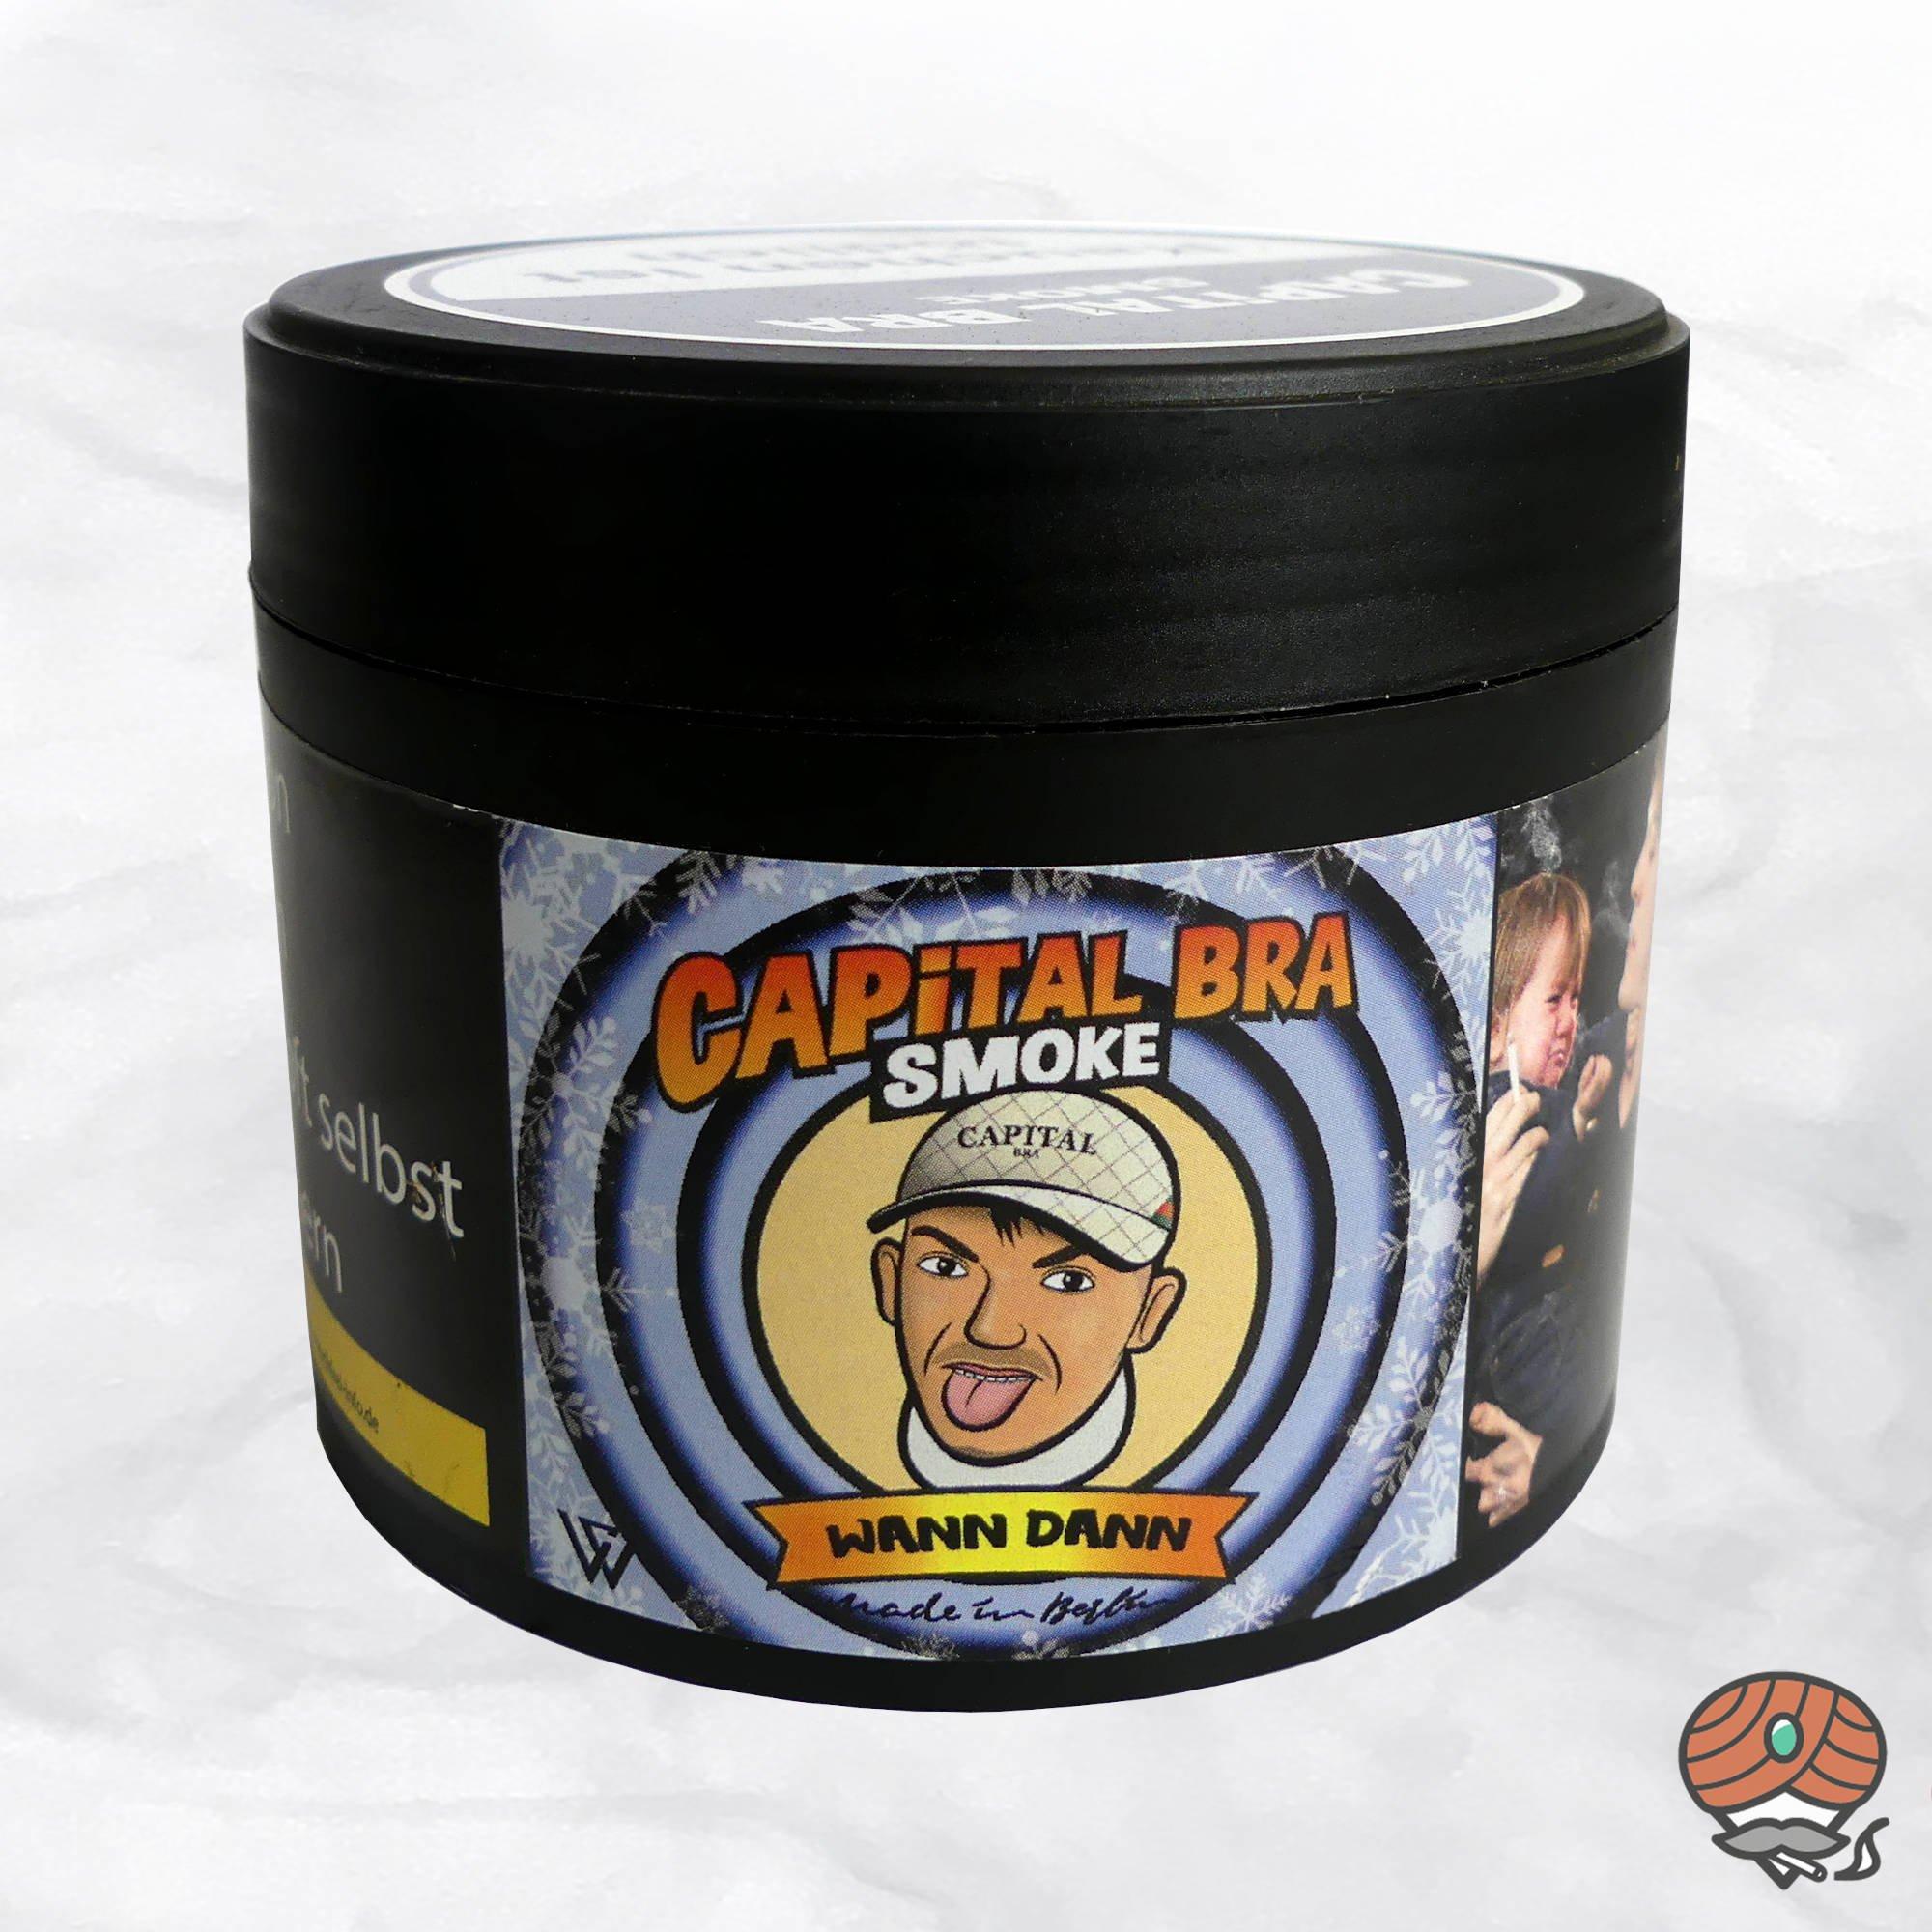 Capital Bra Smoke Shisha Tabak - Wann Dann 200g